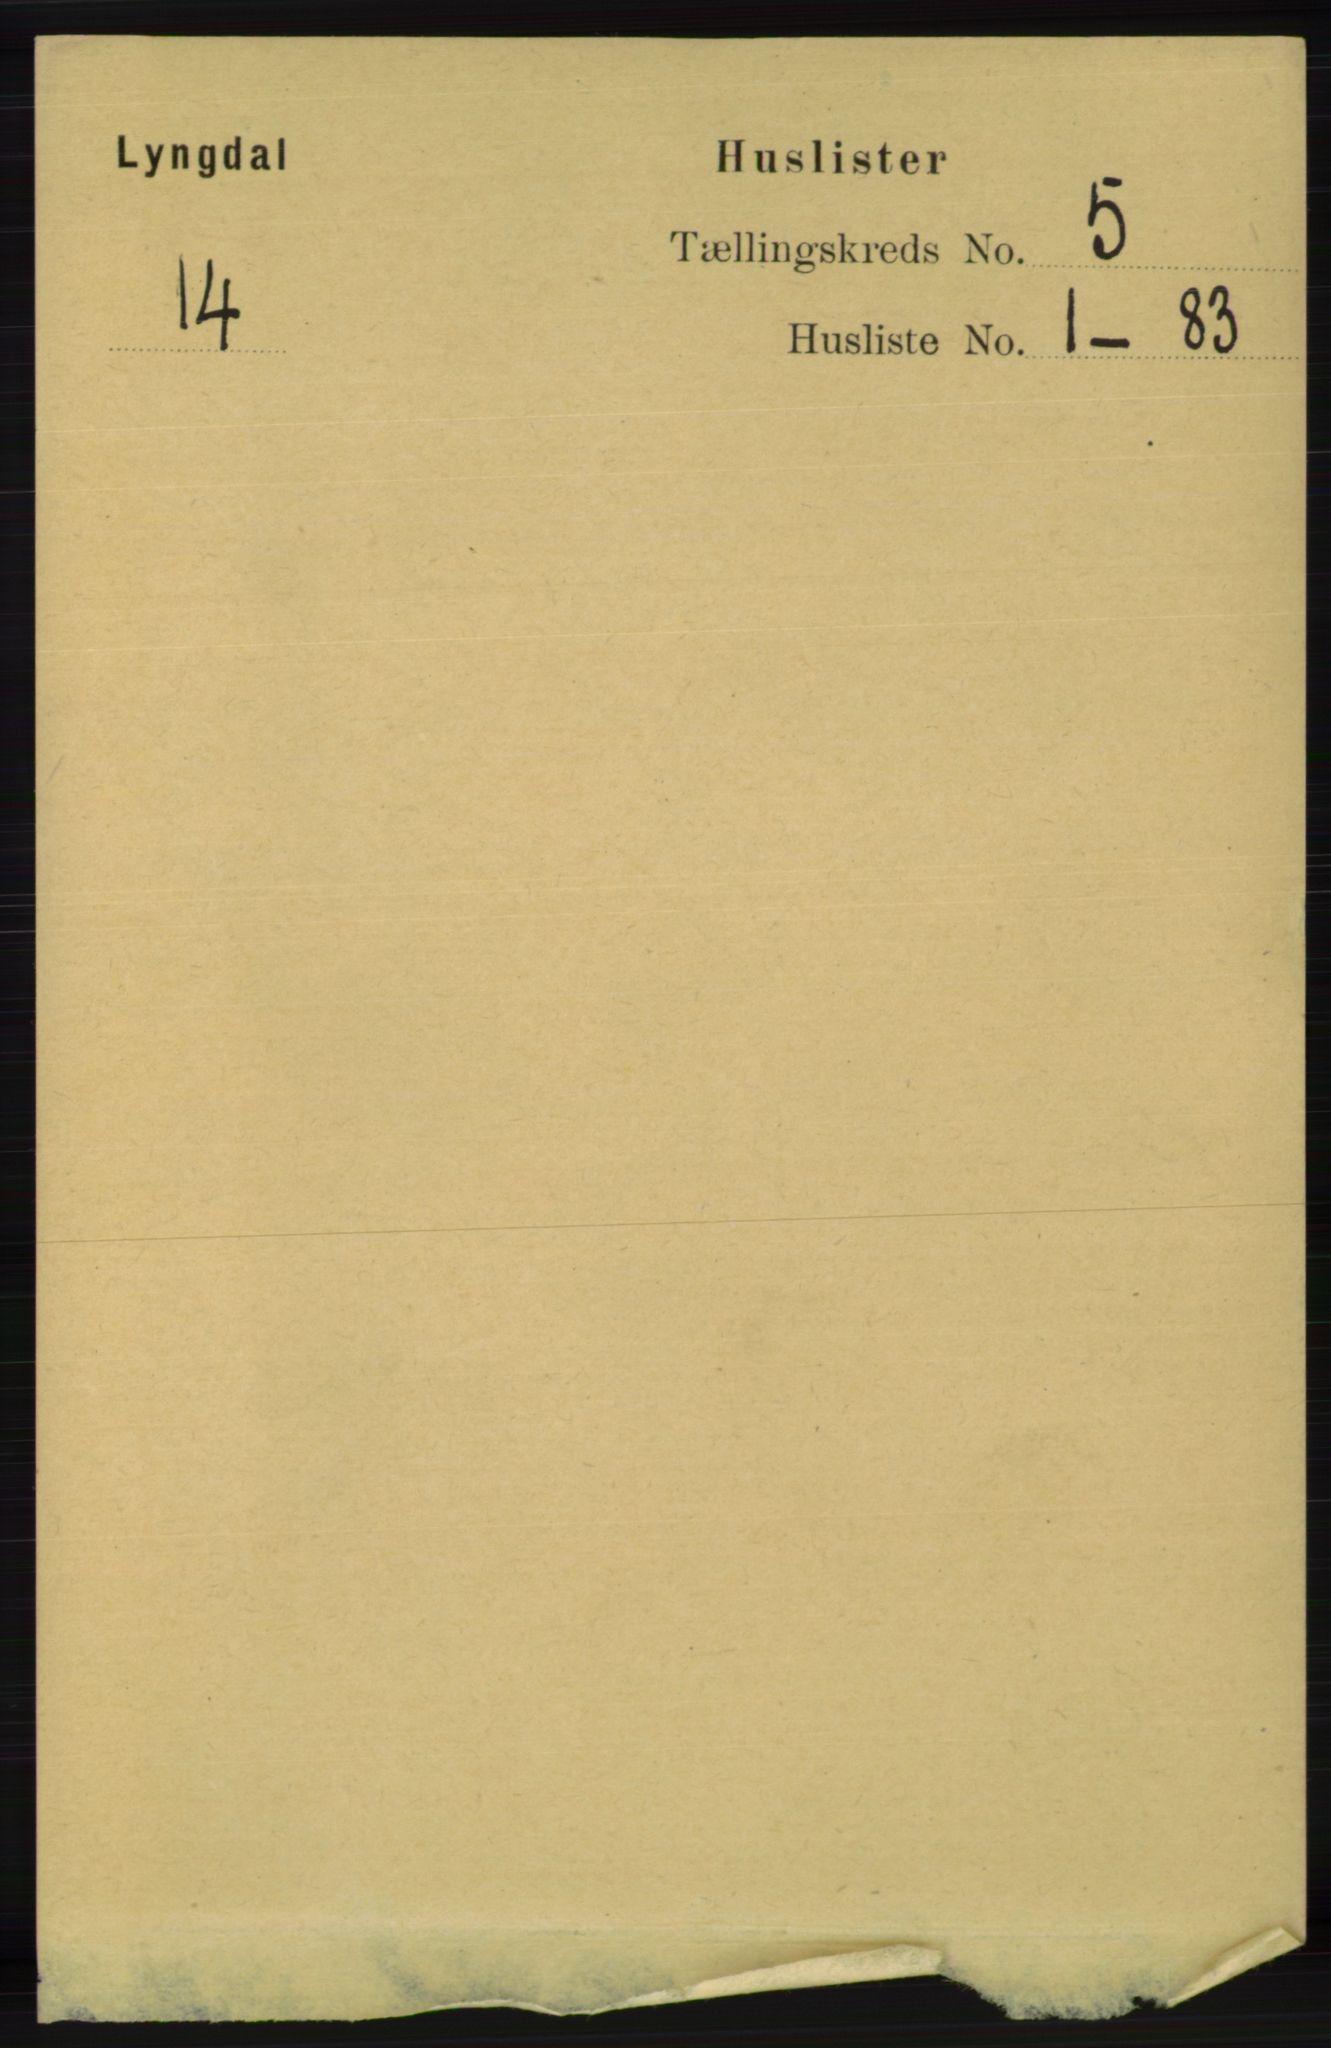 RA, Folketelling 1891 for 1032 Lyngdal herred, 1891, s. 1797